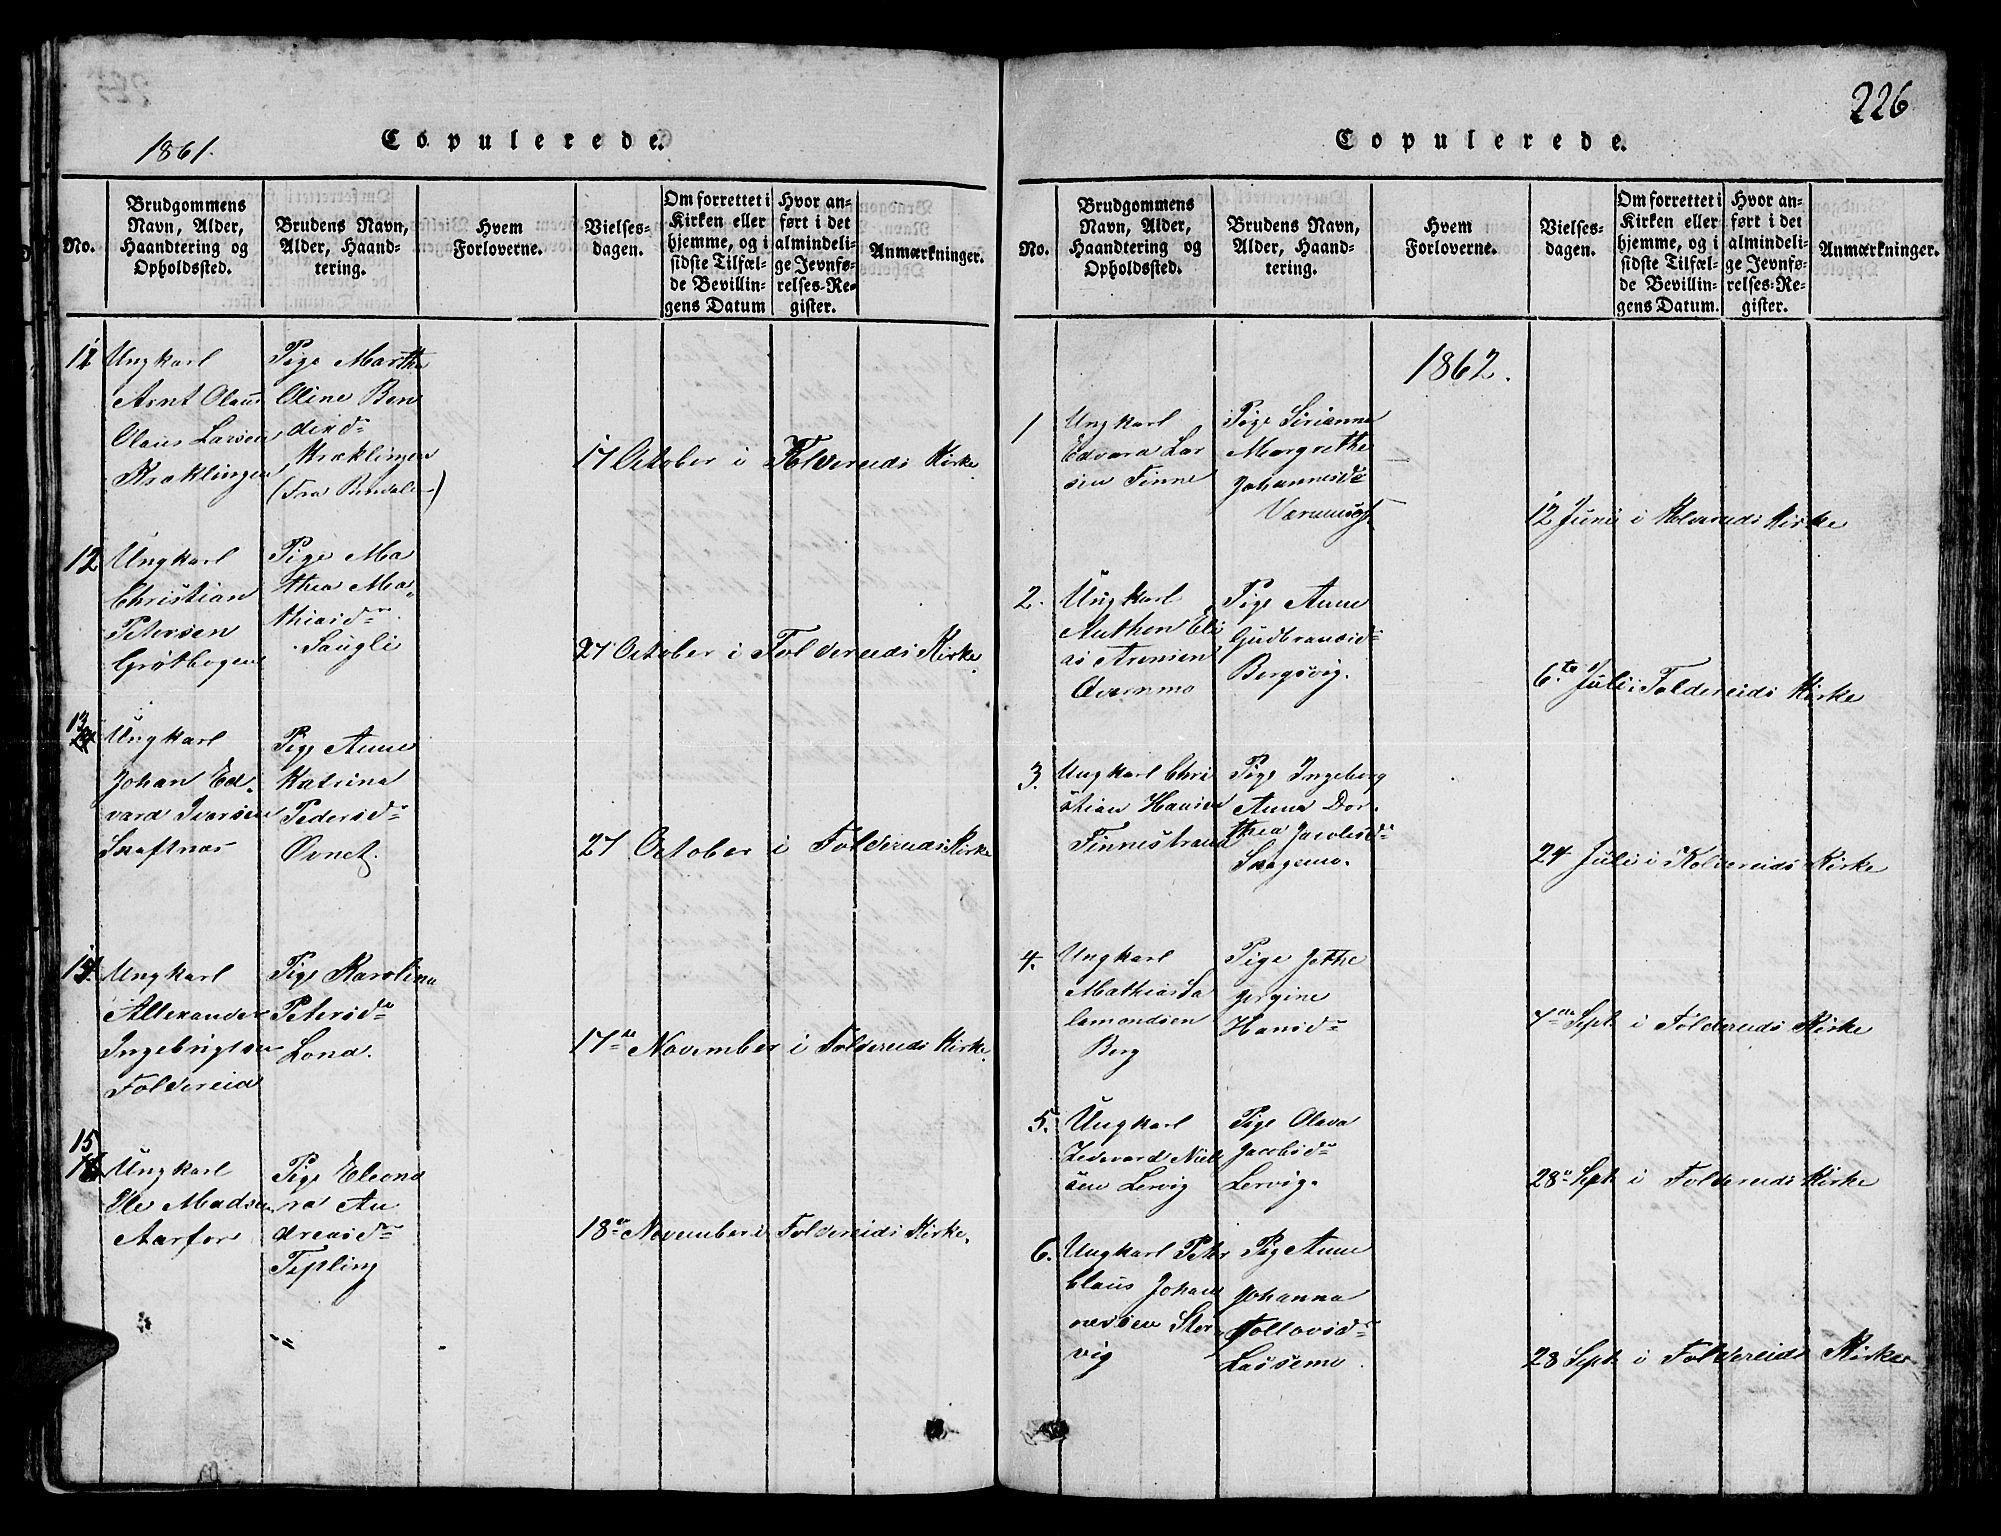 SAT, Ministerialprotokoller, klokkerbøker og fødselsregistre - Nord-Trøndelag, 780/L0648: Klokkerbok nr. 780C01 /3, 1815-1877, s. 226